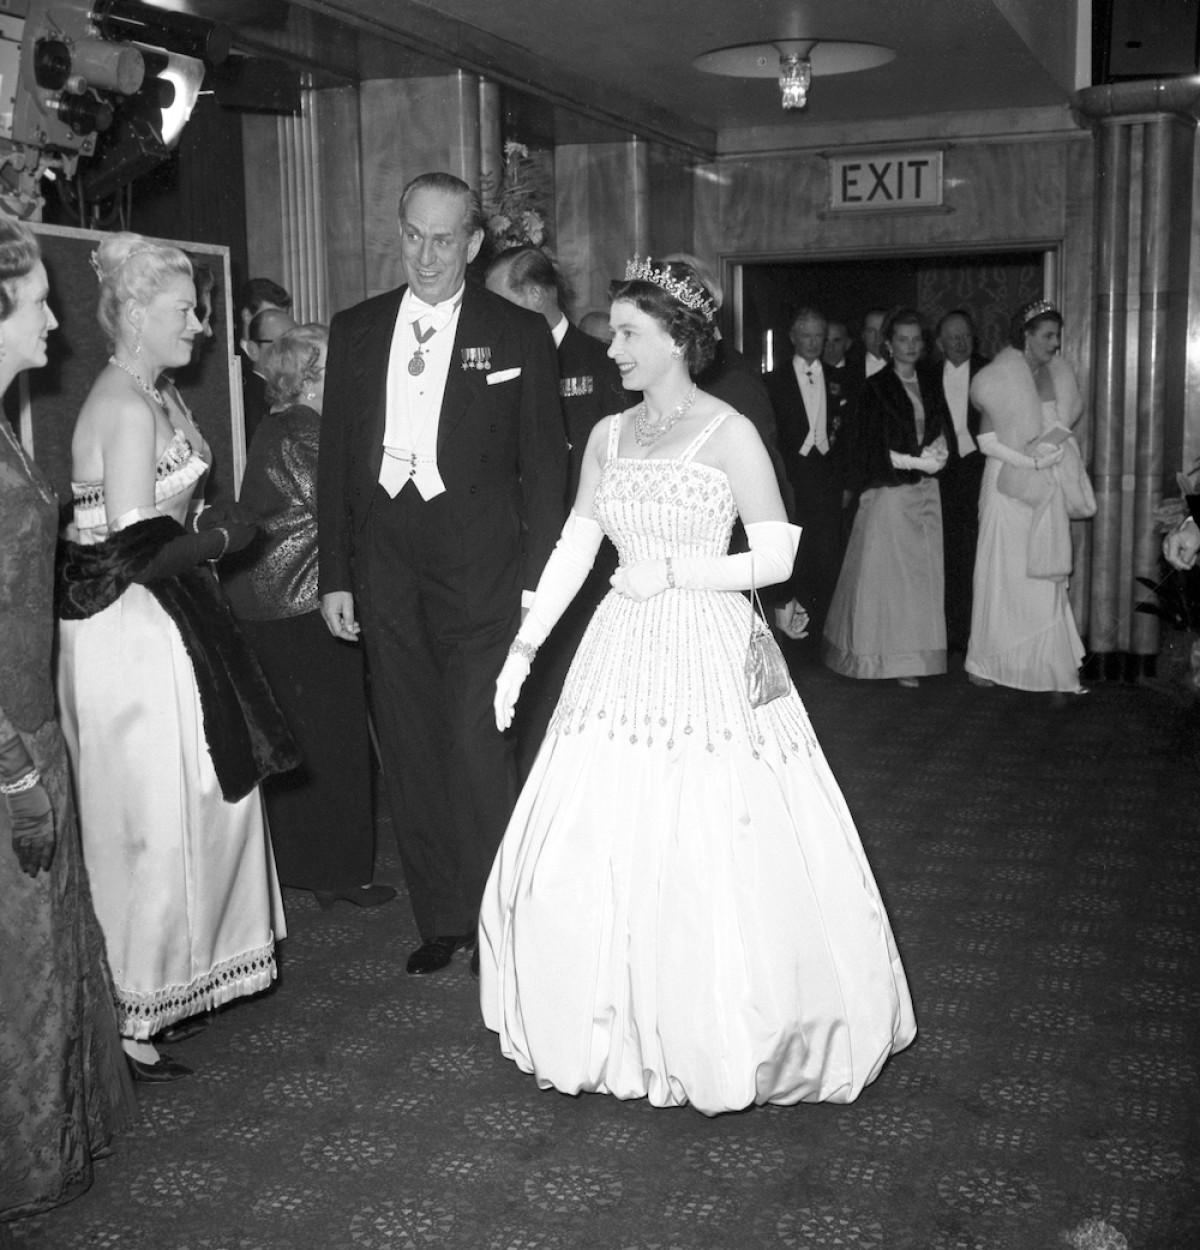 El vestido de la princesa beatriz en su boda que era de la reina Isabel II